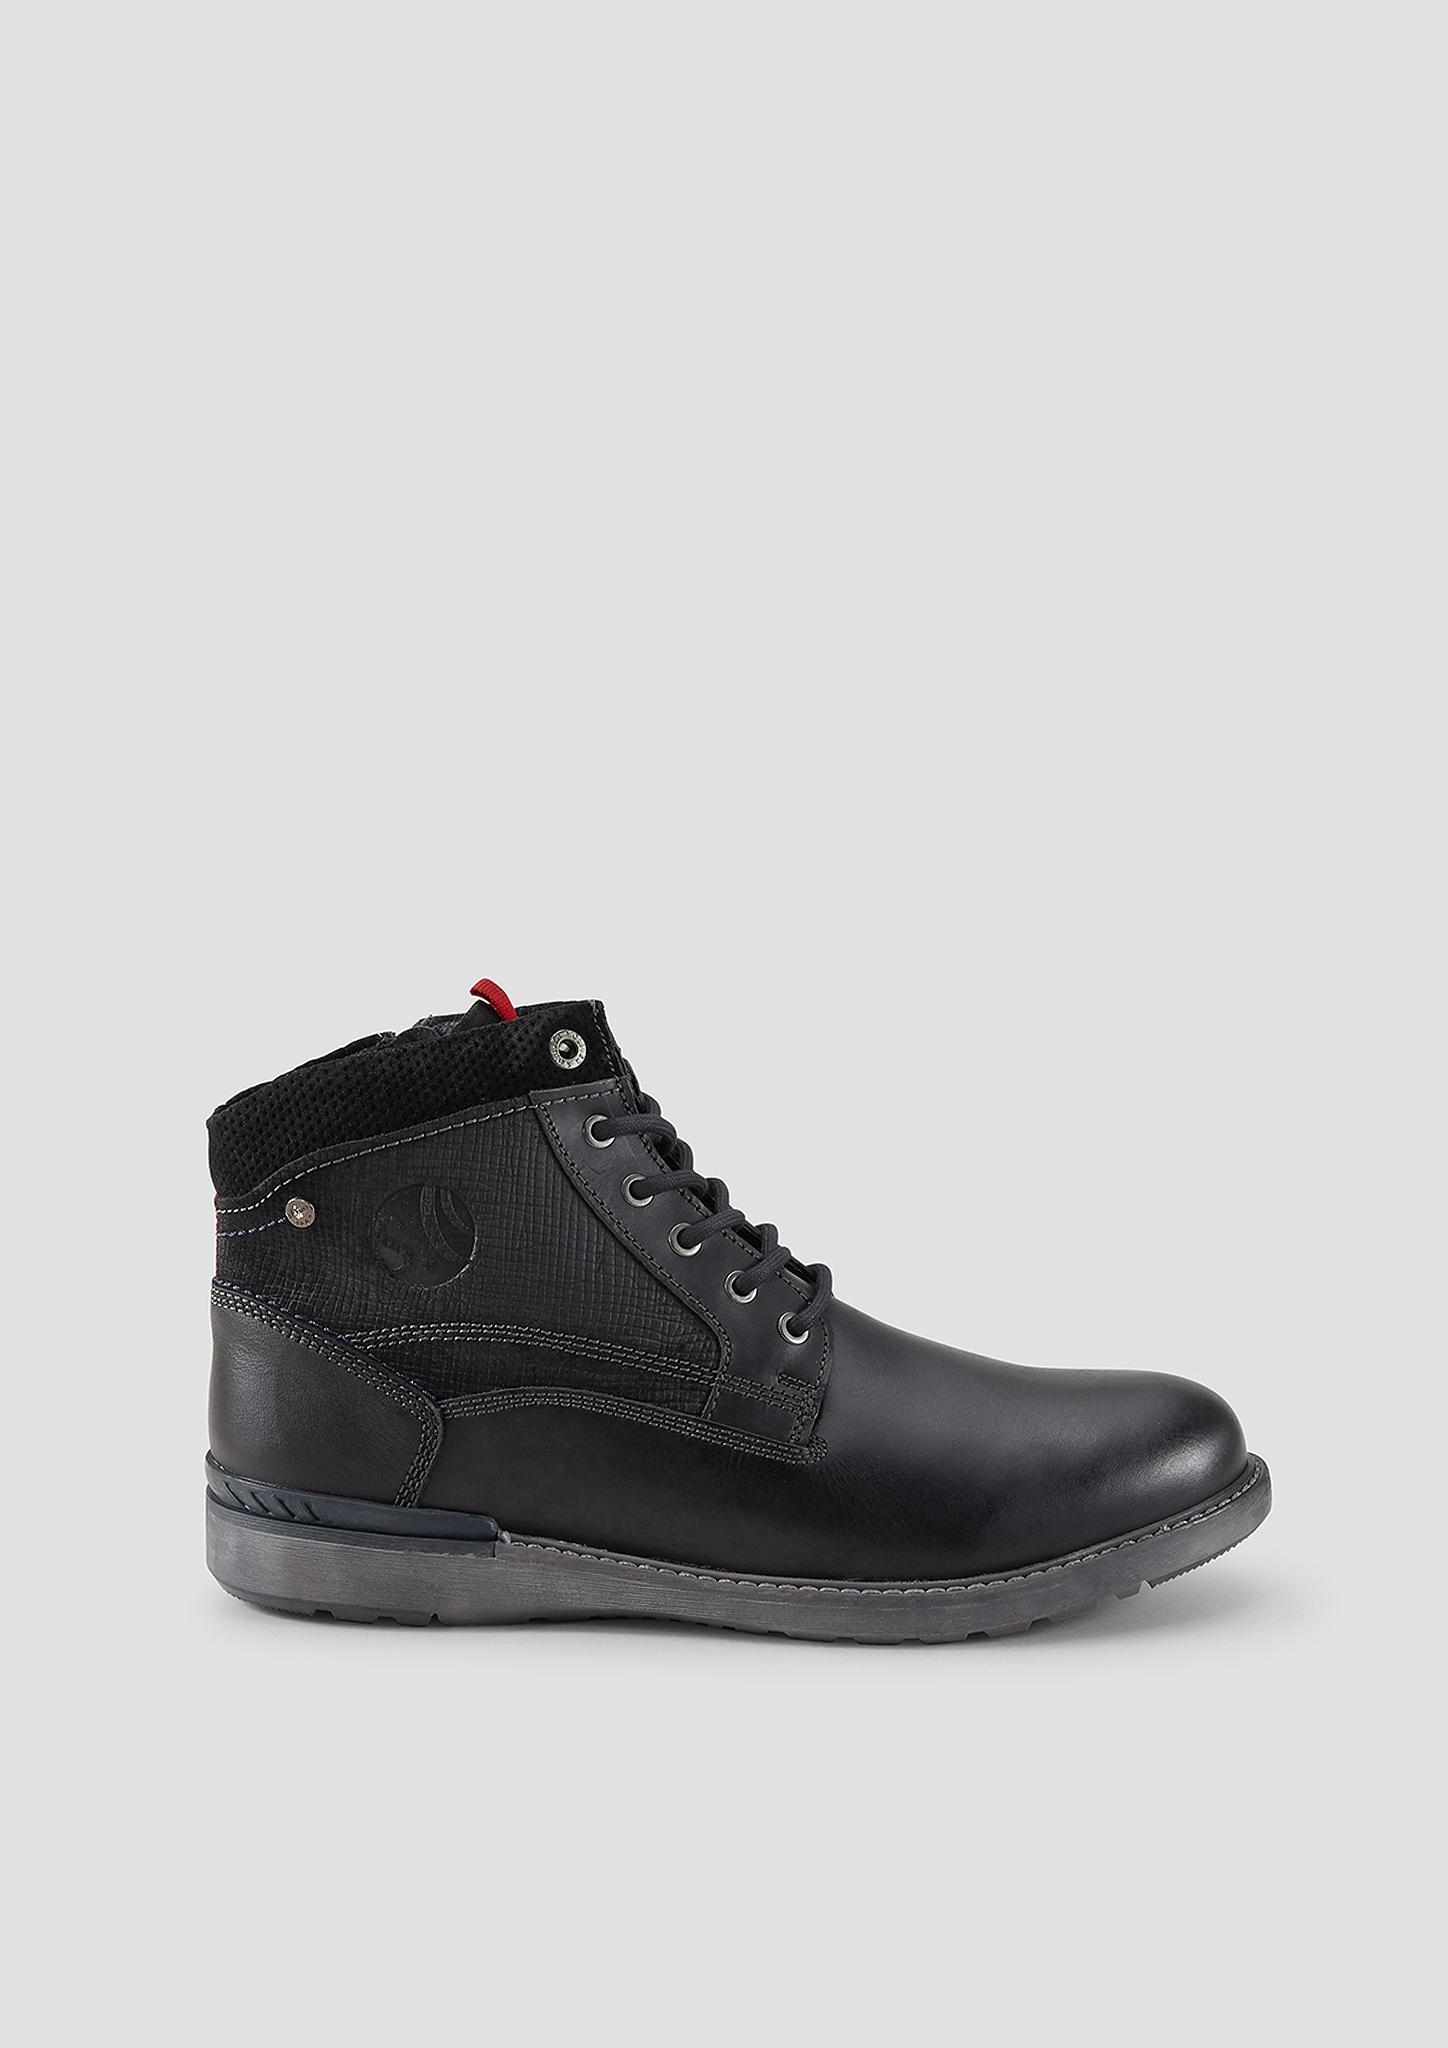 Stiefel   Schuhe   Grau/schwarz   Obermaterial aus leder  futter aus textil  decksohle aus textil und leder  laufsohle aus synthetik   s.Oliver